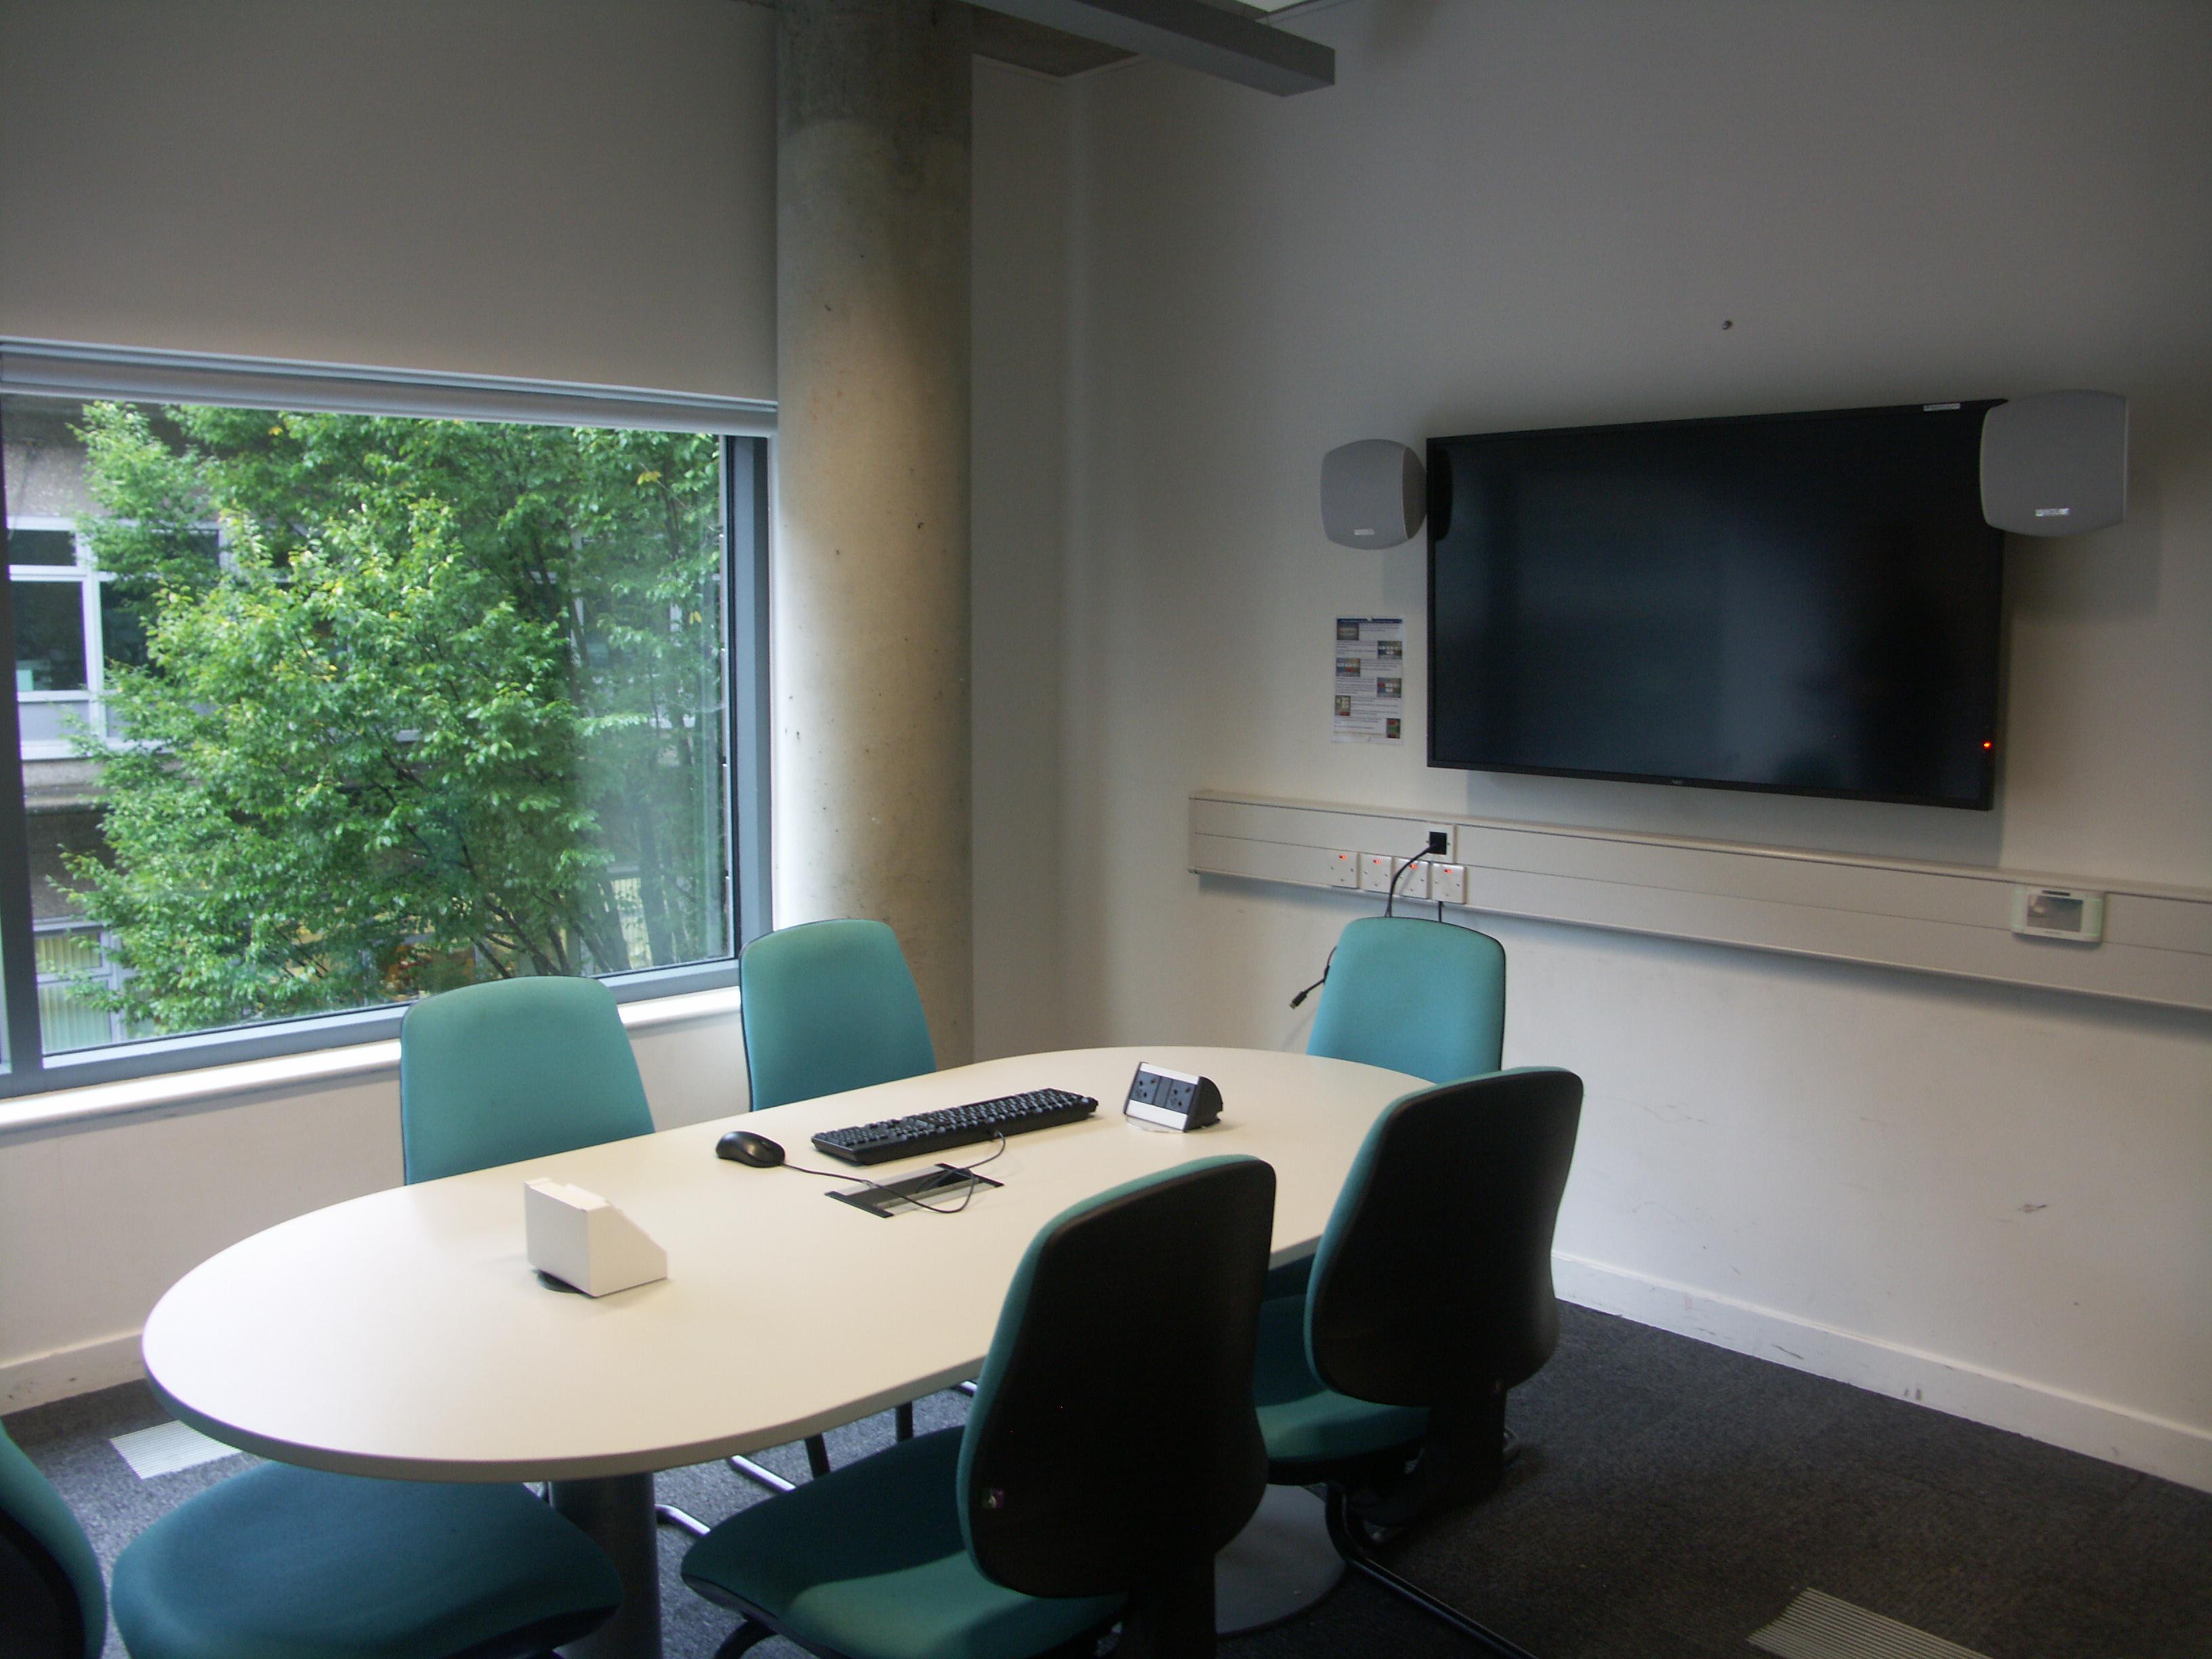 New AV facilities in Group Study Room 3